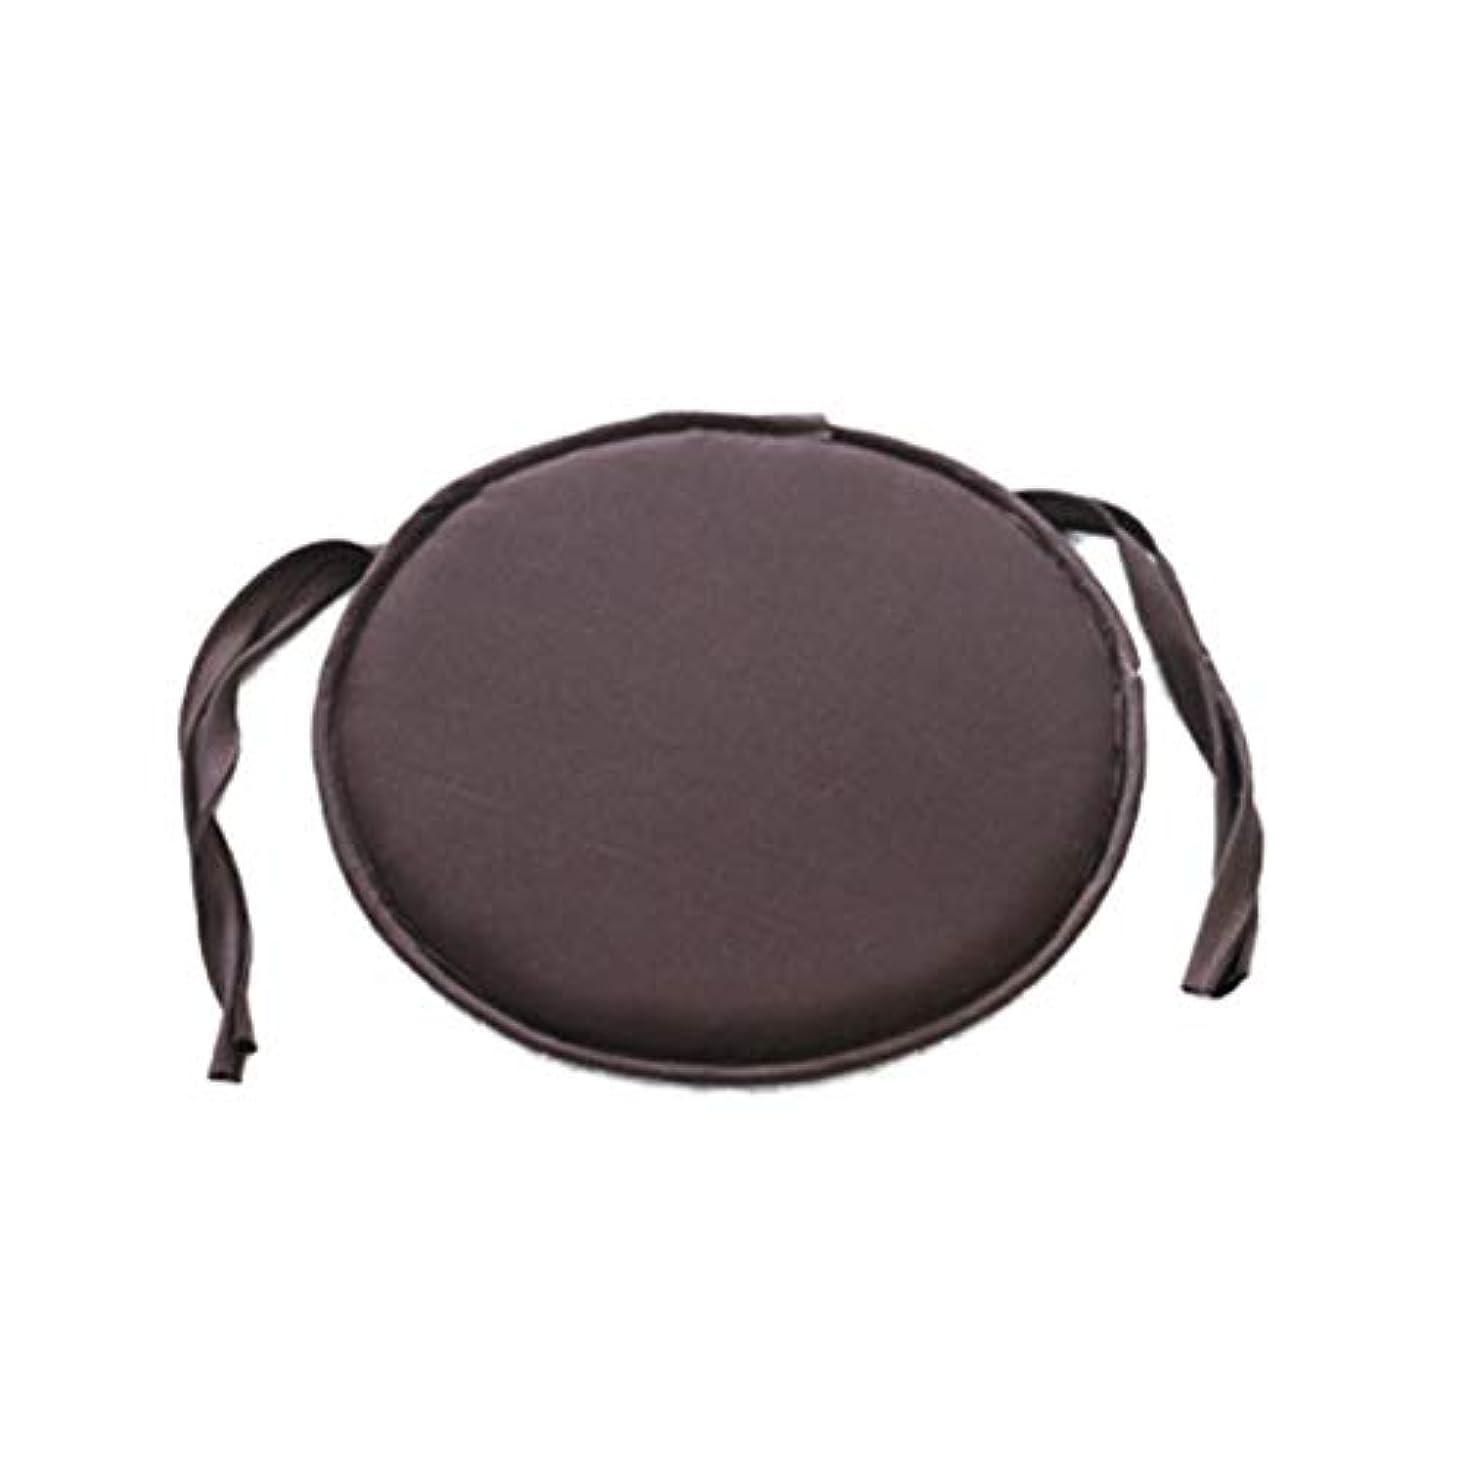 不愉快ヒント国家LIFE ホット販売ラウンドチェアクッション屋内ポップパティオオフィスチェアシートパッドネクタイスクエアガーデンキッチンダイニングクッション クッション 椅子